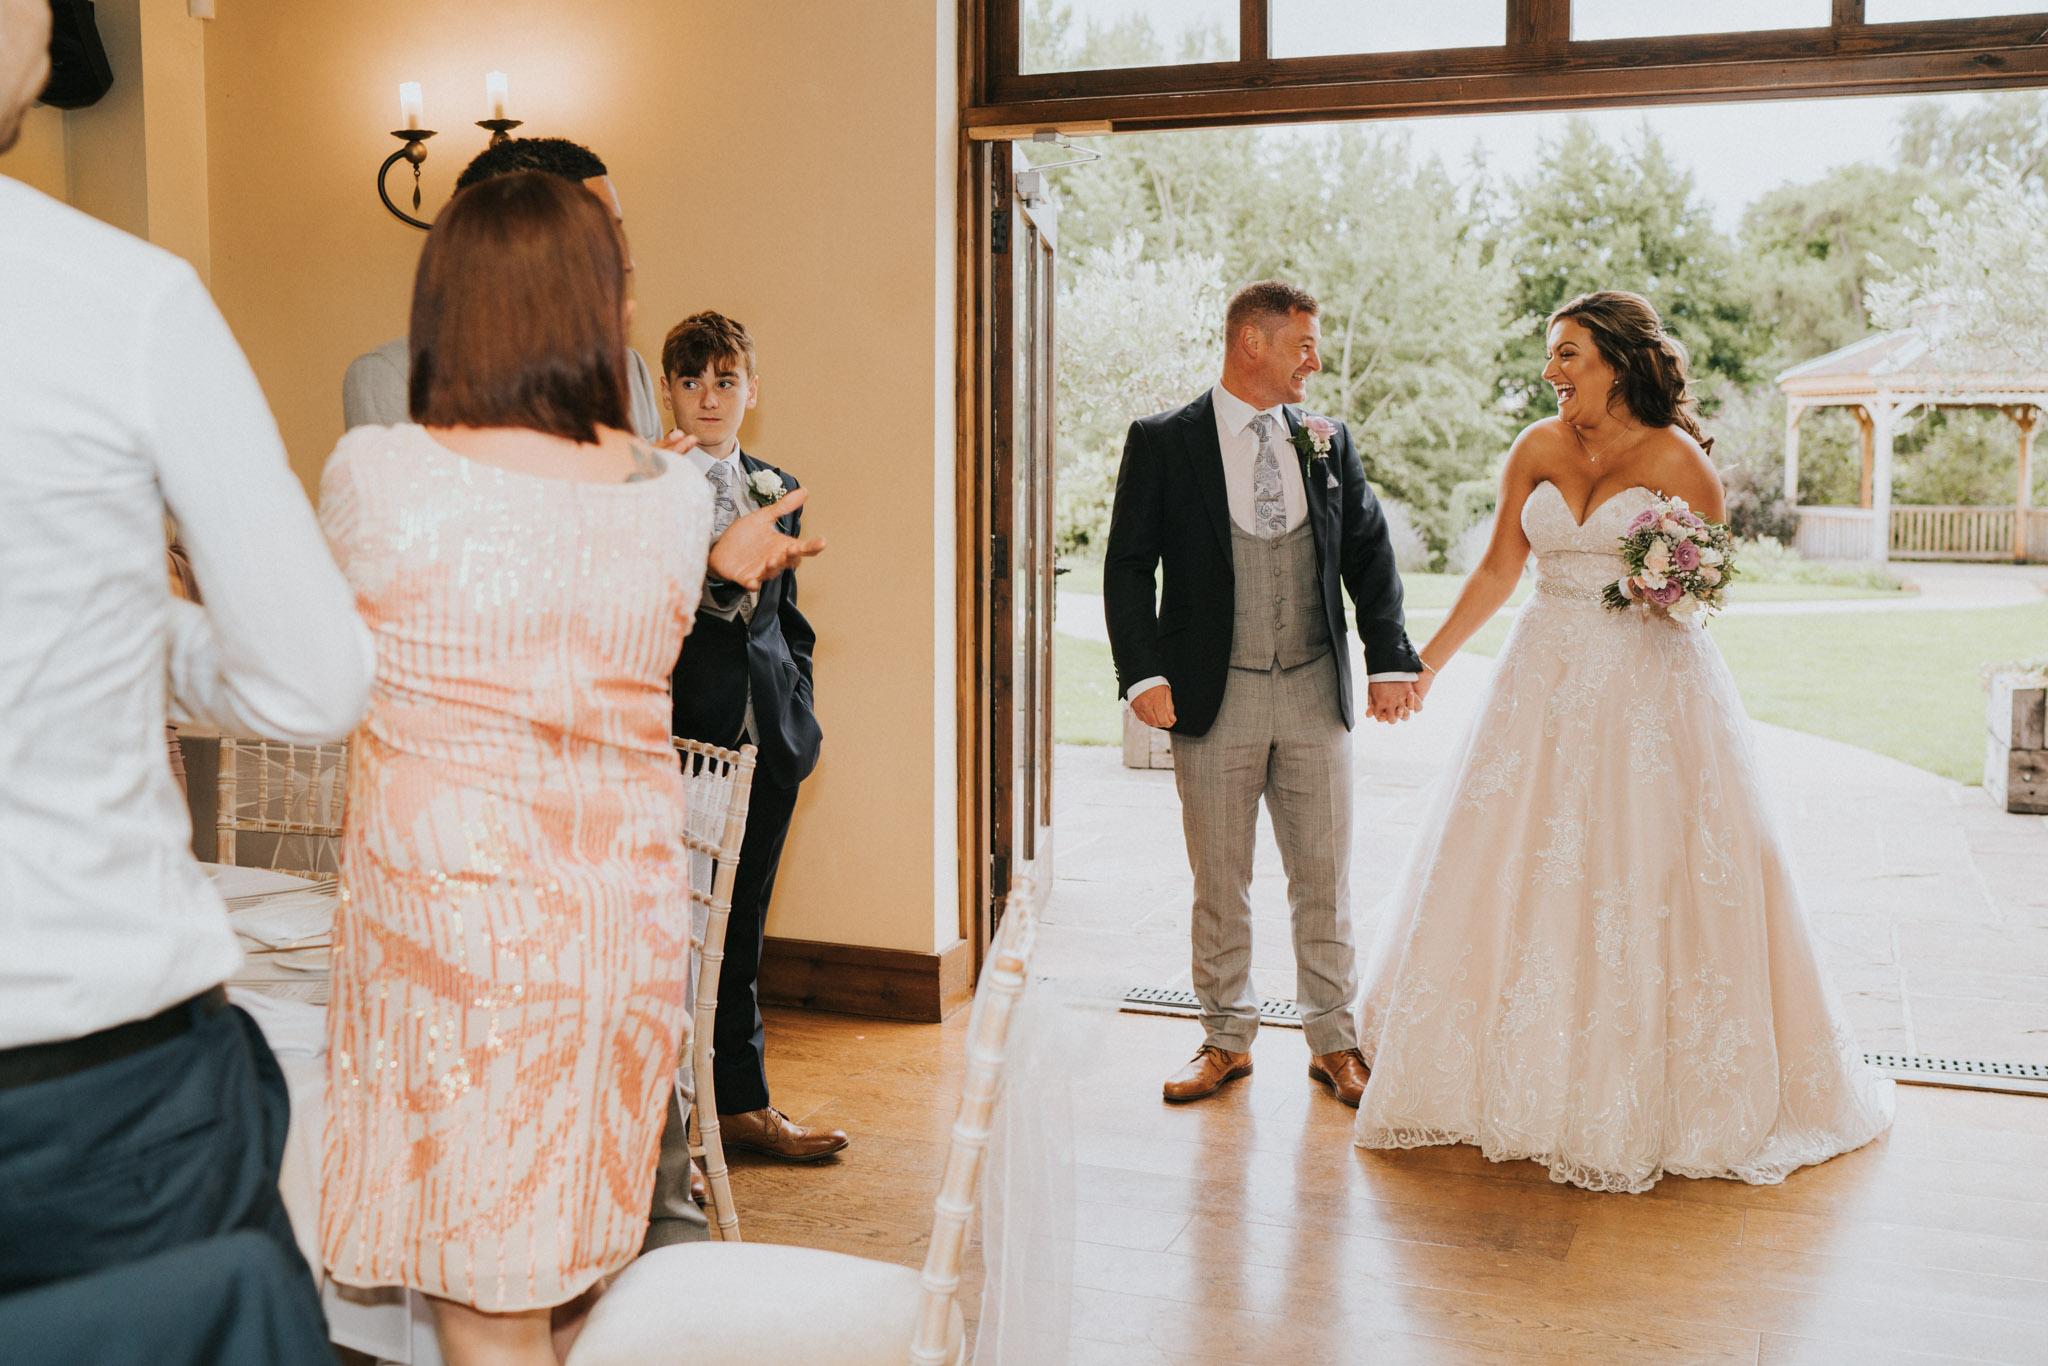 Sarah-Paul-Essex-Barn-Wedding-Previews-Grace-Elizabeth-Essex-Alternative-Wedding-Photographer-Colchester-Essex-Suffolk-Norfolk-Devon (25 of 32).jpg